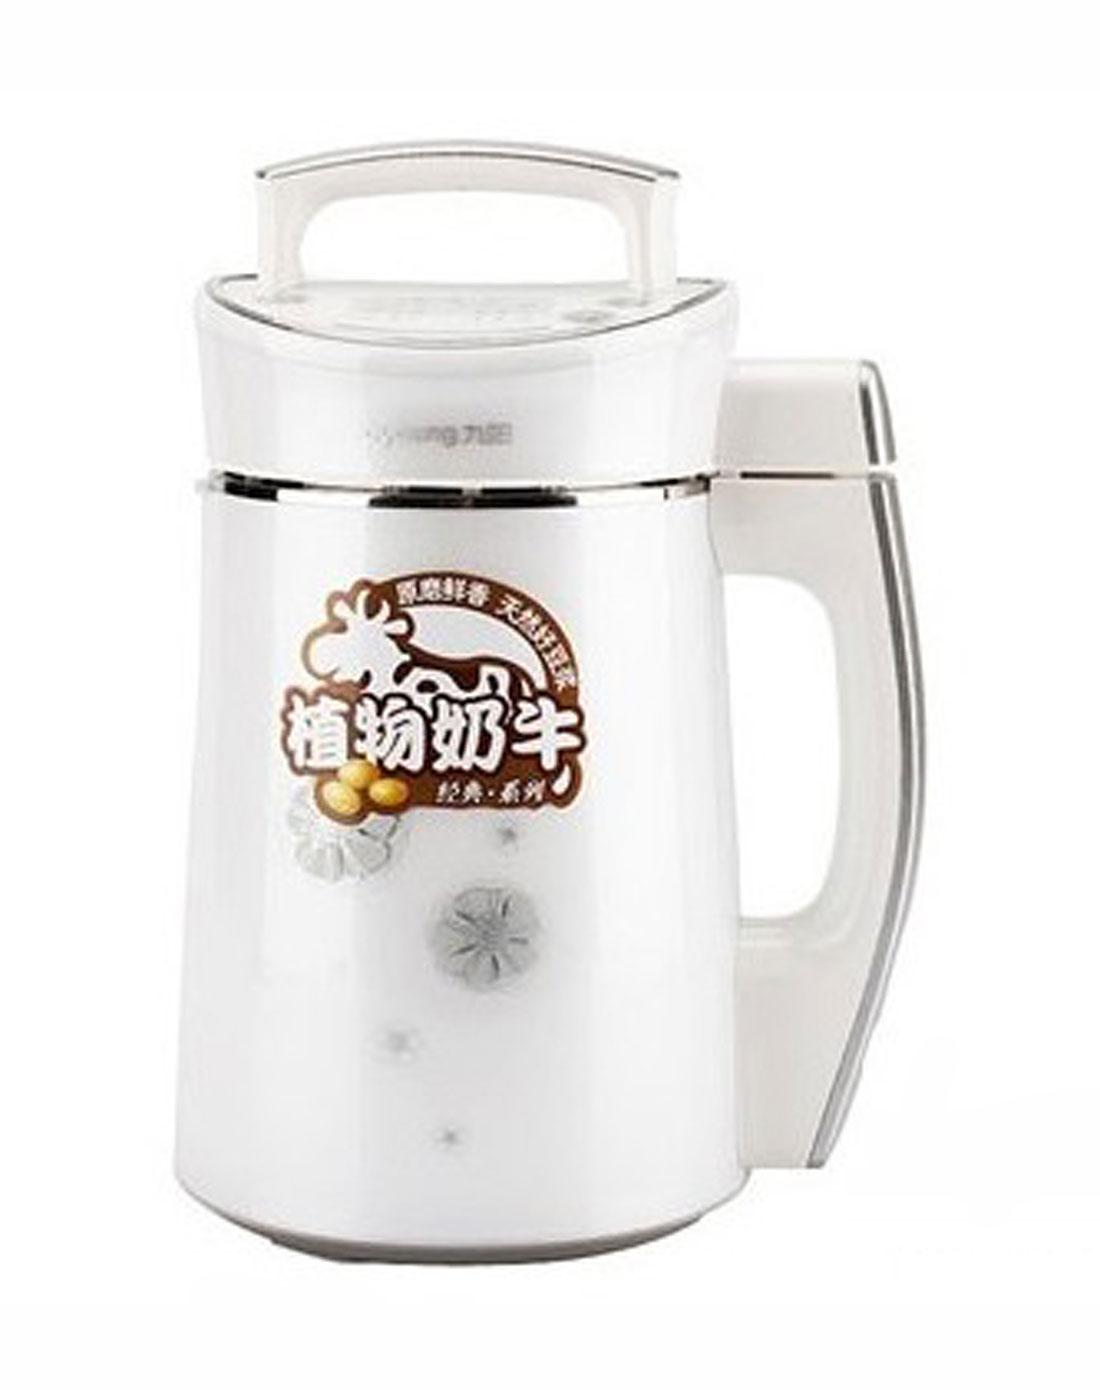 九阳joyoung九阳d18d豆浆机